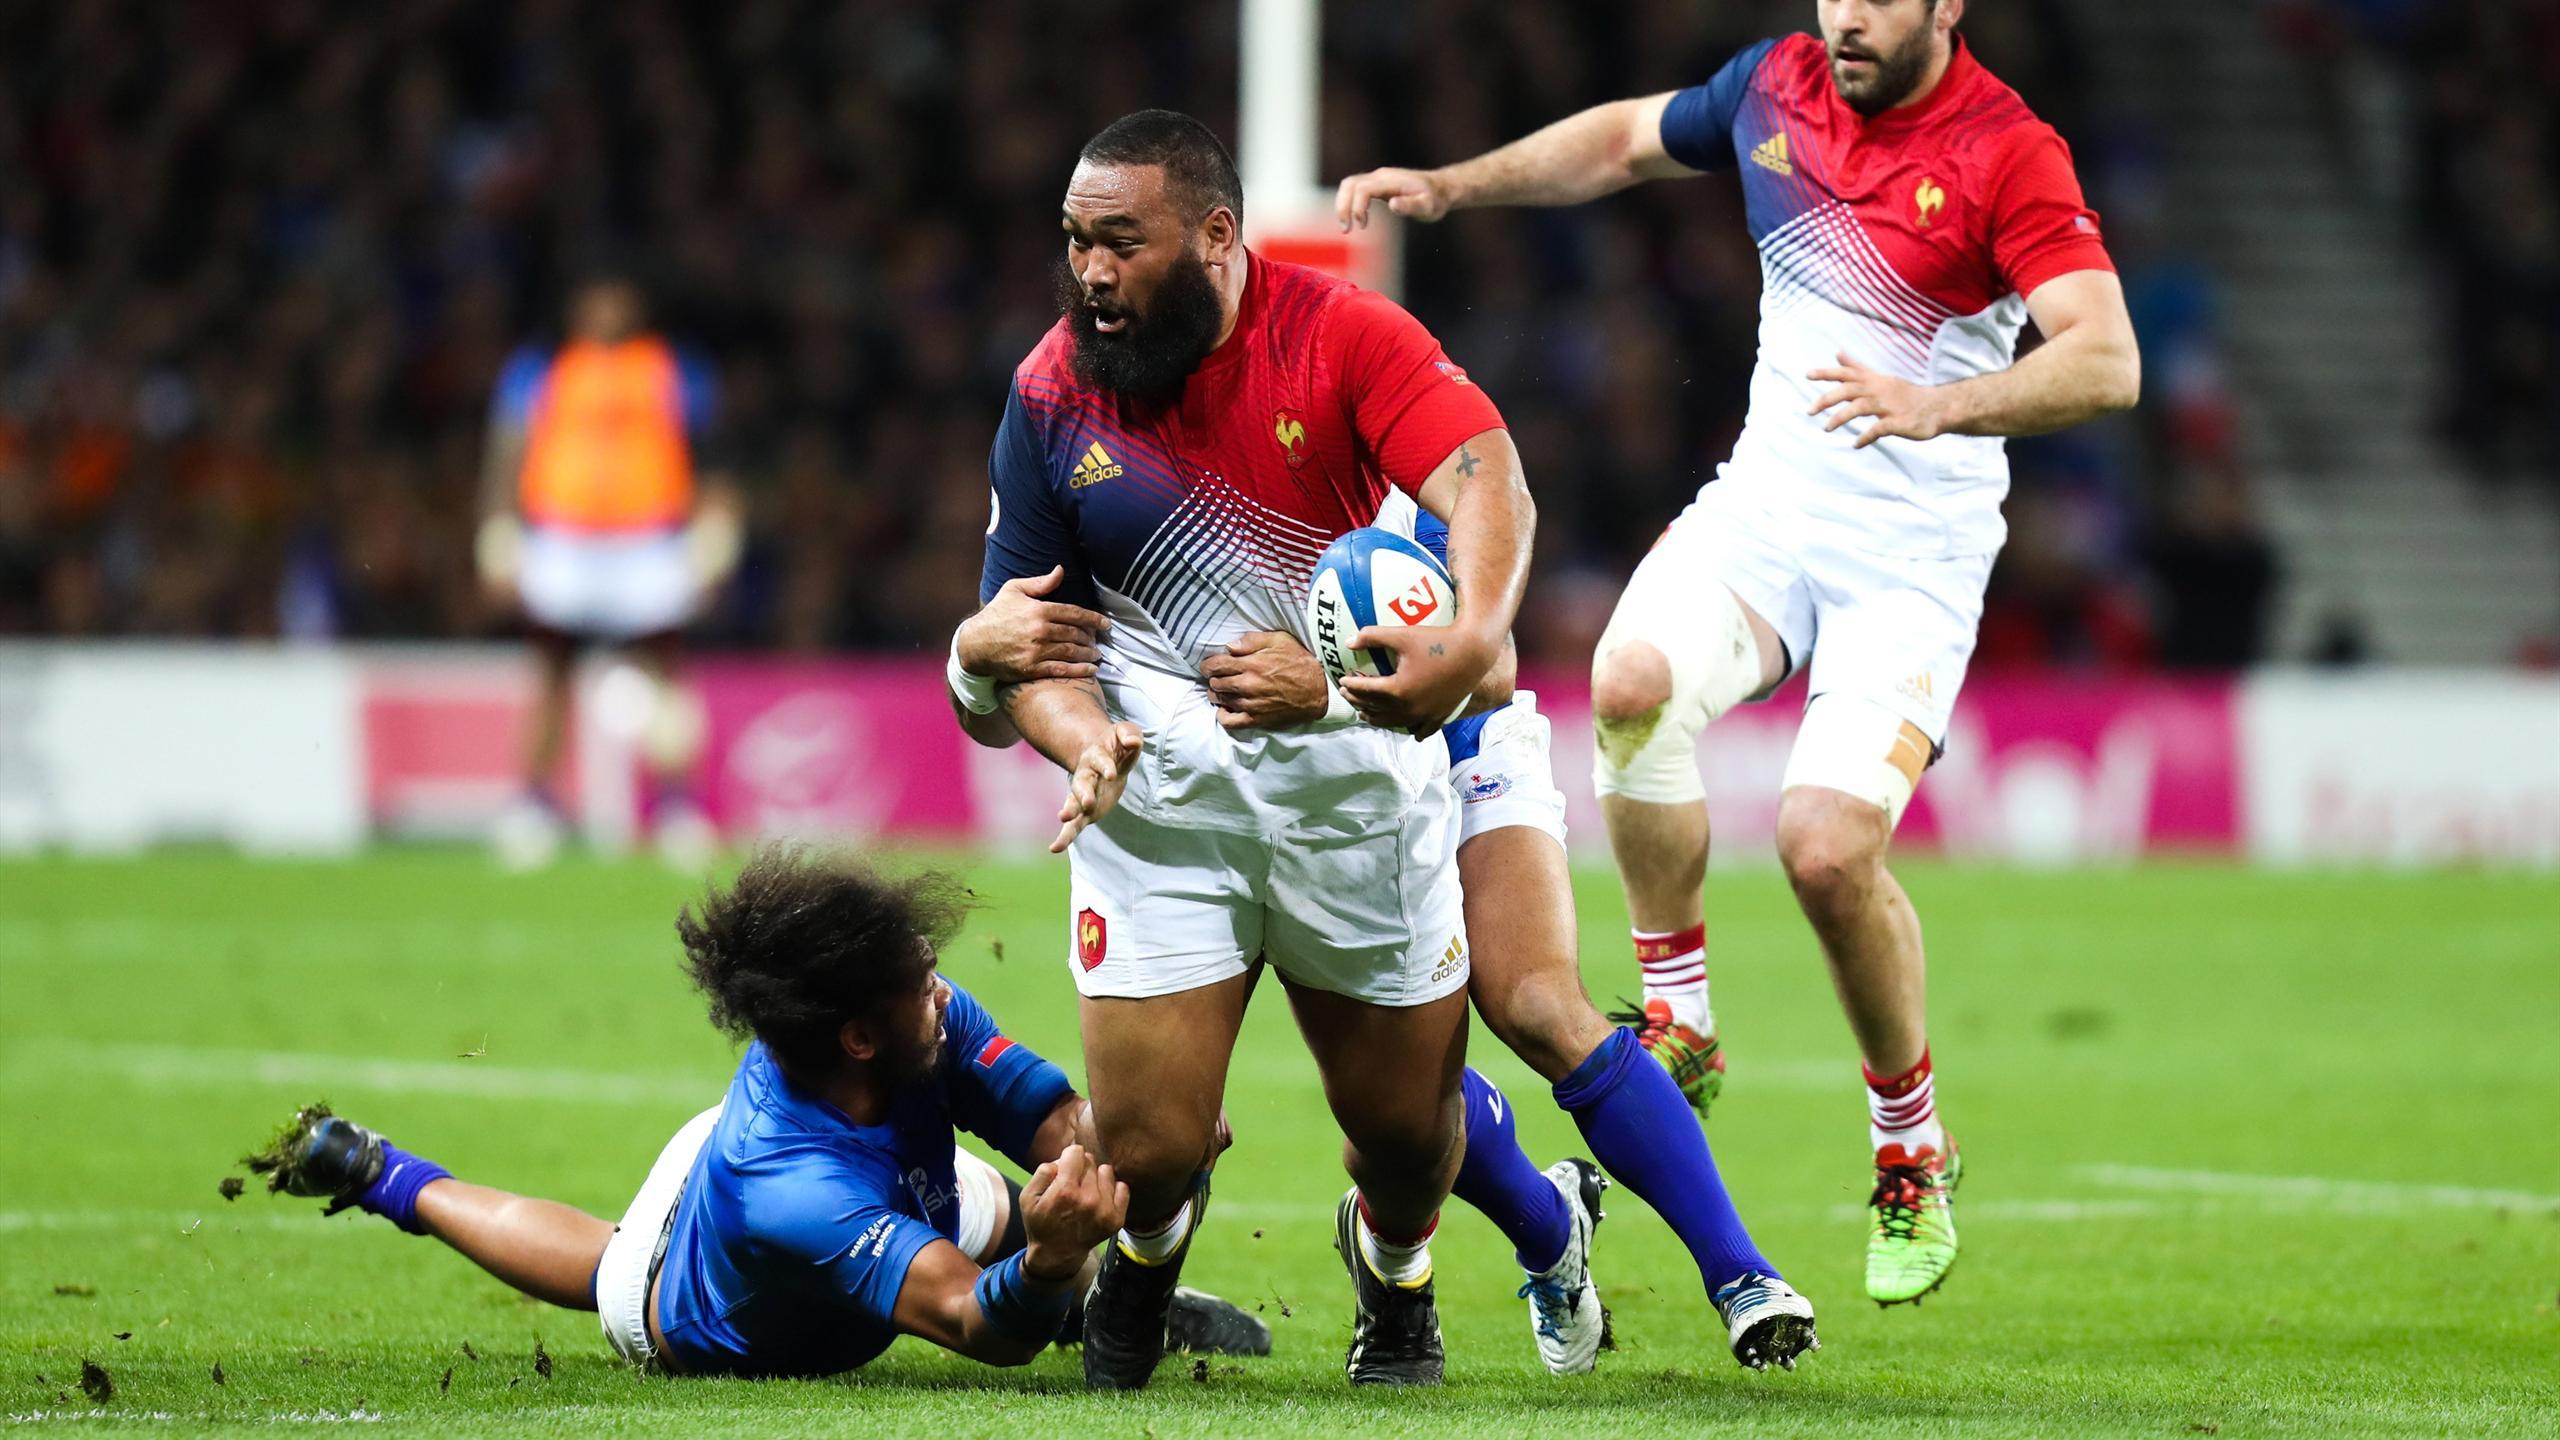 Uini Atonio (XV de France) face aux Samoa - 12 novembre 2016